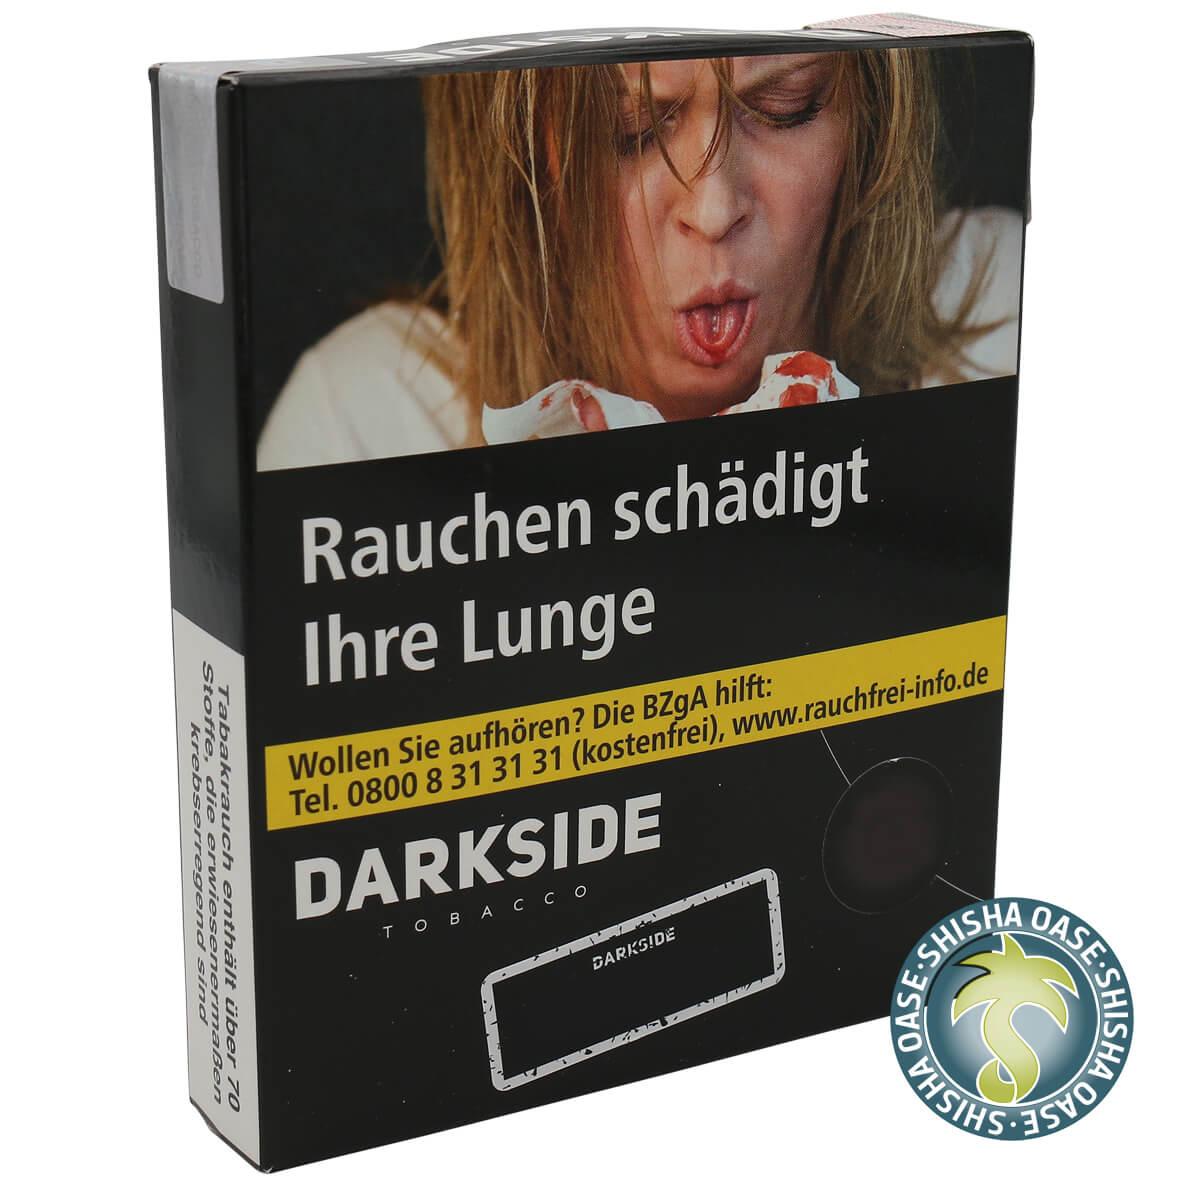 Darkside Tabak Base | Strwbrry Lite 200g